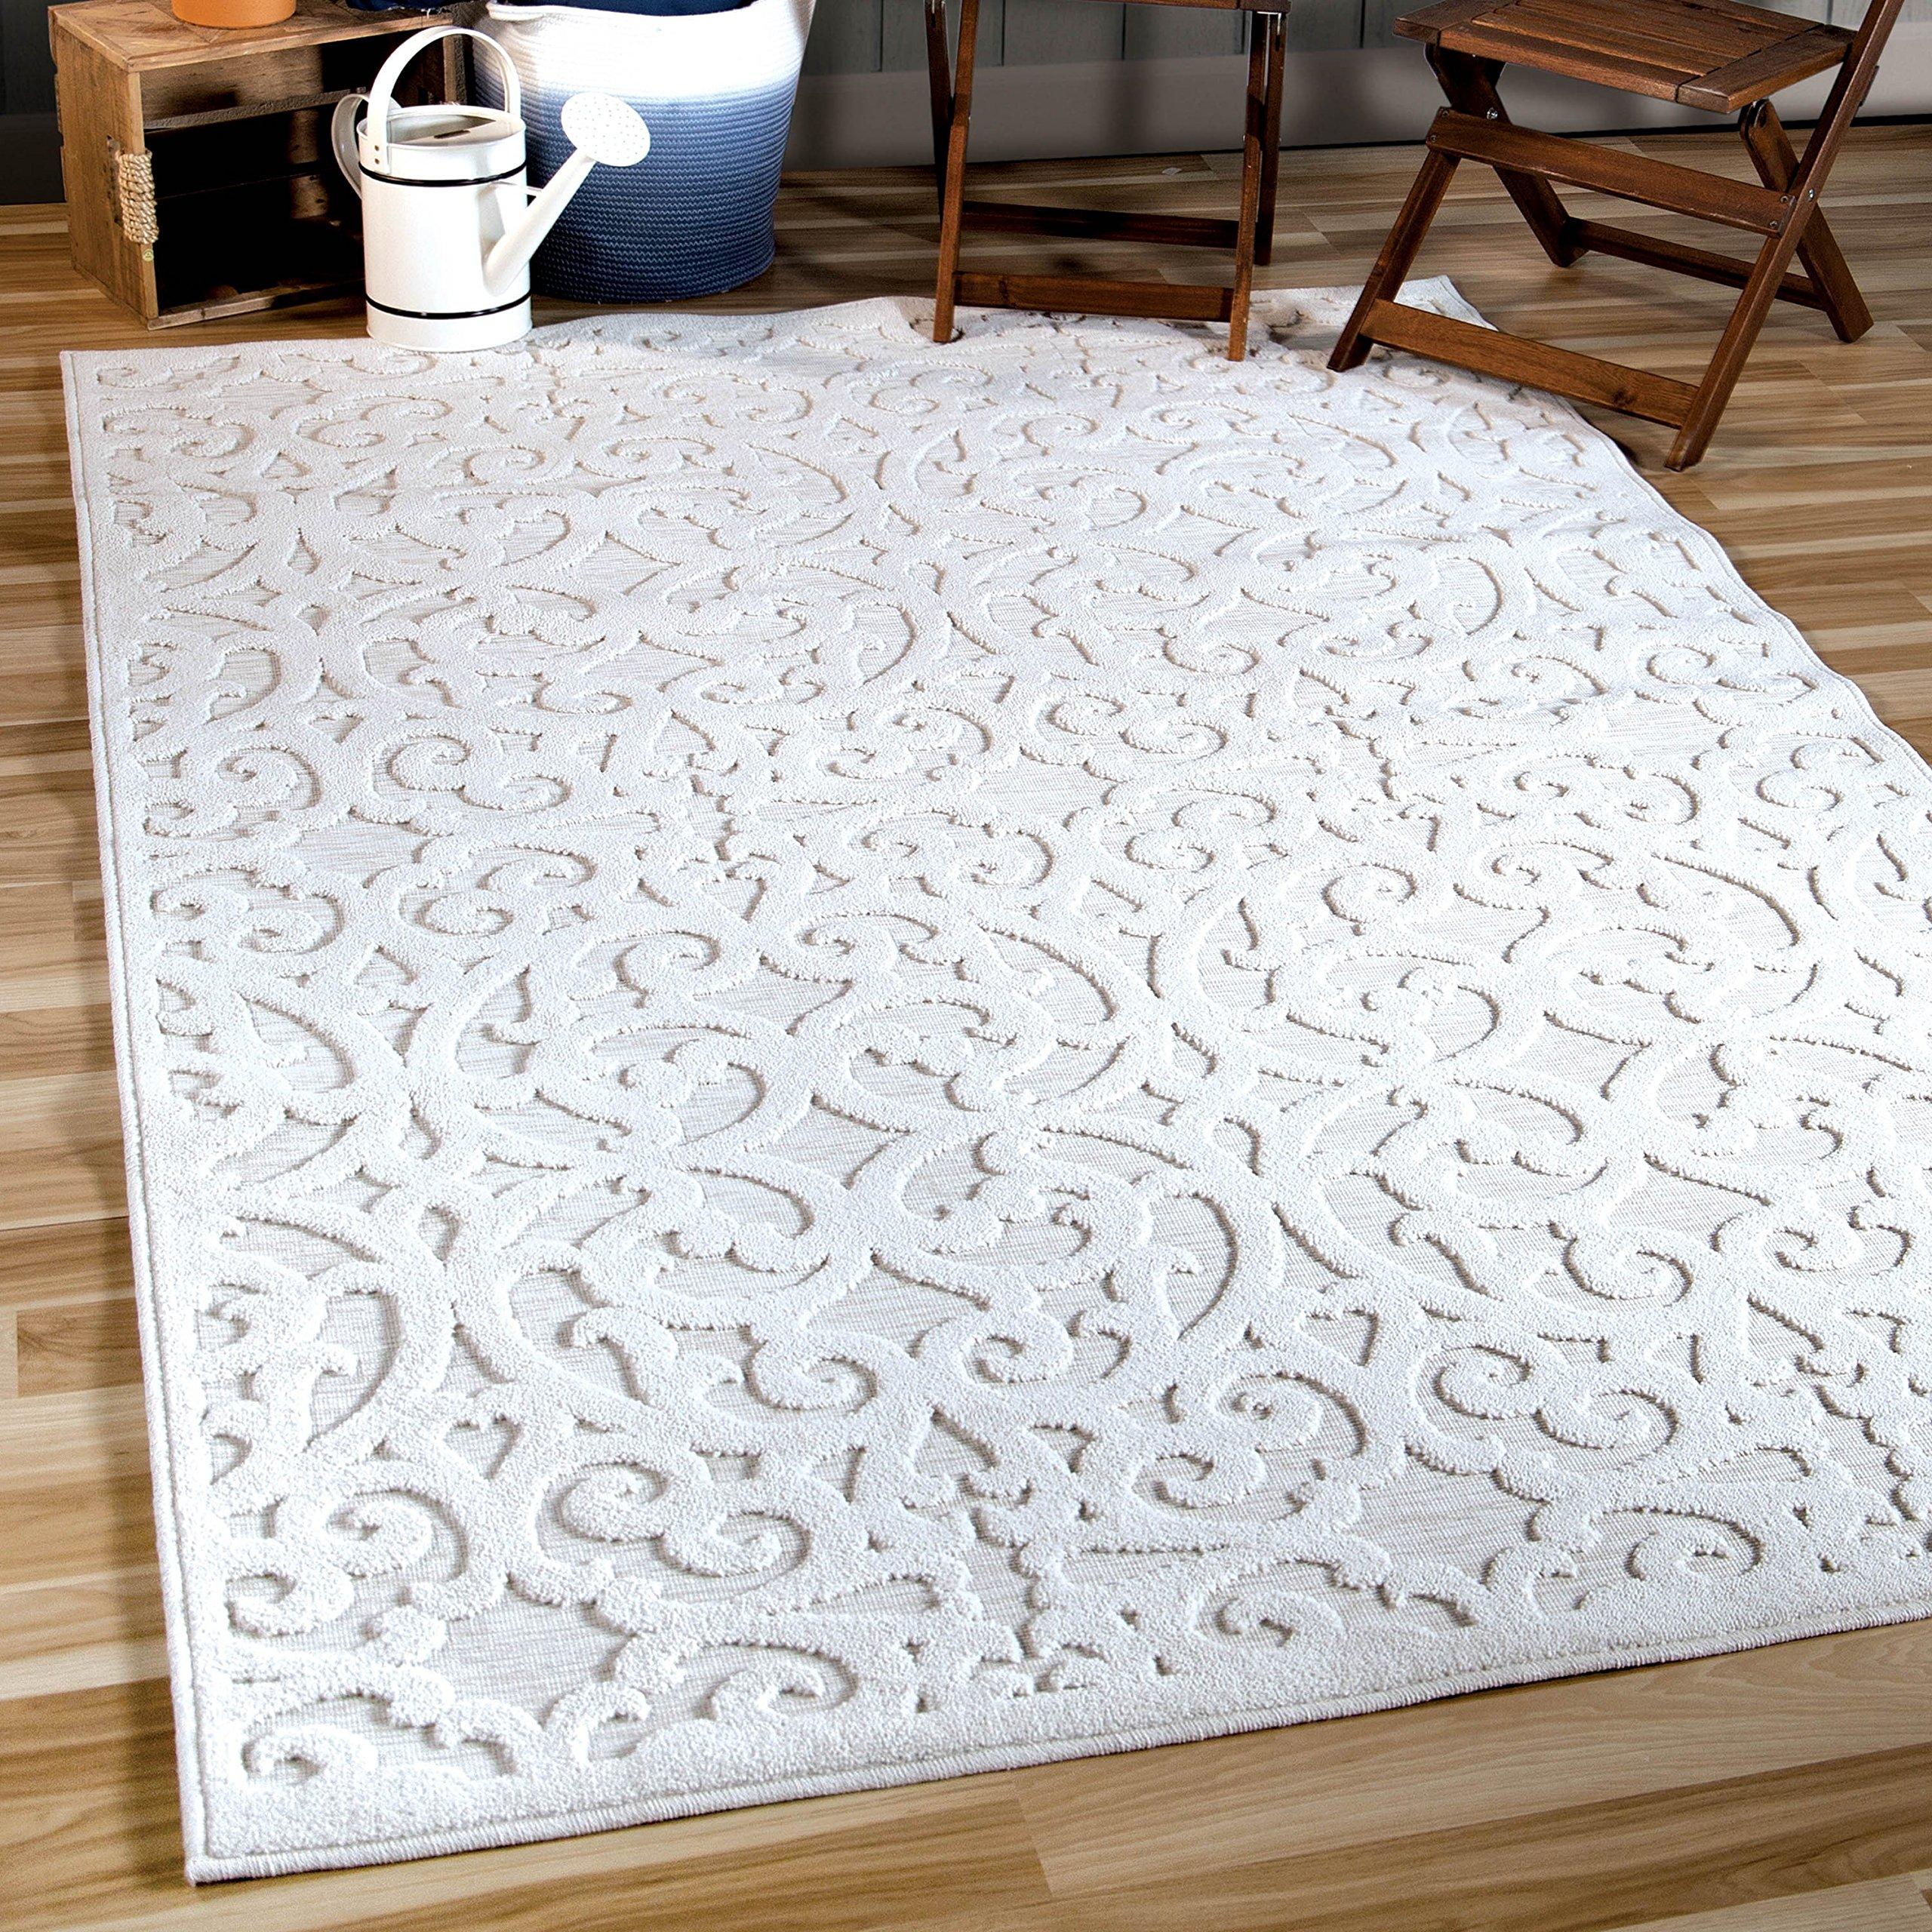 Orian Sculpted 4704 Indoor/Outdoor High-Low Debonair Natural Area Rug, 7'9'' x 10'10'', Ivory